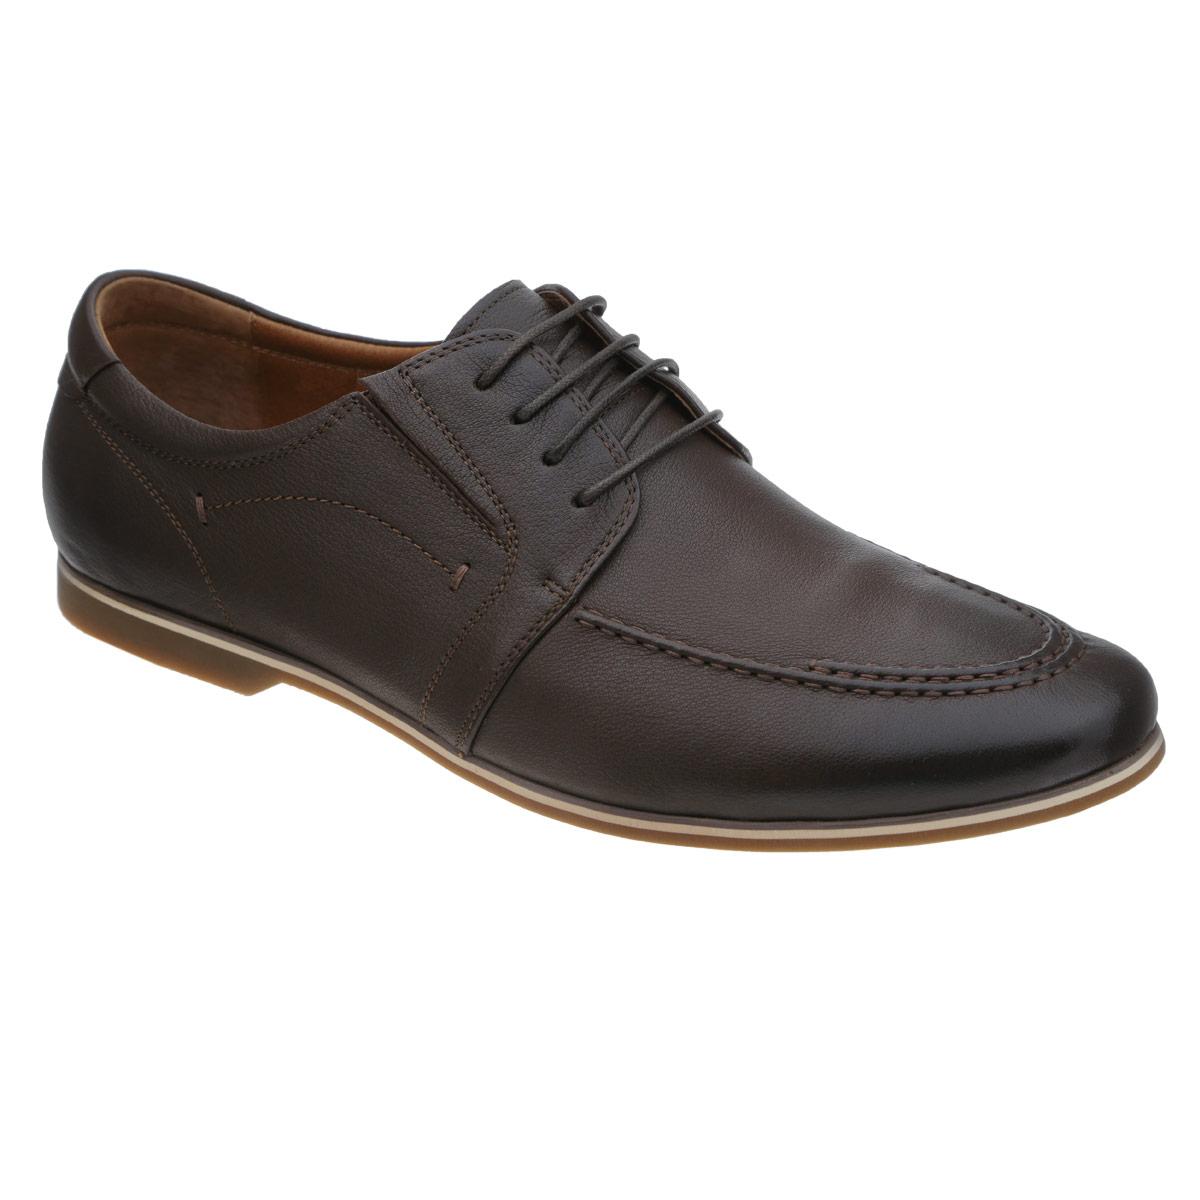 Полуботинки мужские. 103-122-139103-122-139Стильные мужские полуботинки от Dino Ricci не оставят вас равнодушным! Модель выполнена из натуральной высококачественной кожи и оформлена декоративными внешними швами. Резинки, расположенные на подъеме, обеспечивают оптимальную посадку модели. Шнуровка прочно зафиксирует обувь на вашей ноге. Стелька EVA с внешней поверхностью из натуральной кожи обеспечивает комфорт при движении. Каблук и подошва оснащены противоскользящим рифлением. Подошва дополнена контрастной полосой. Модные полуботинки прекрасно впишутся в ваш гардероб.